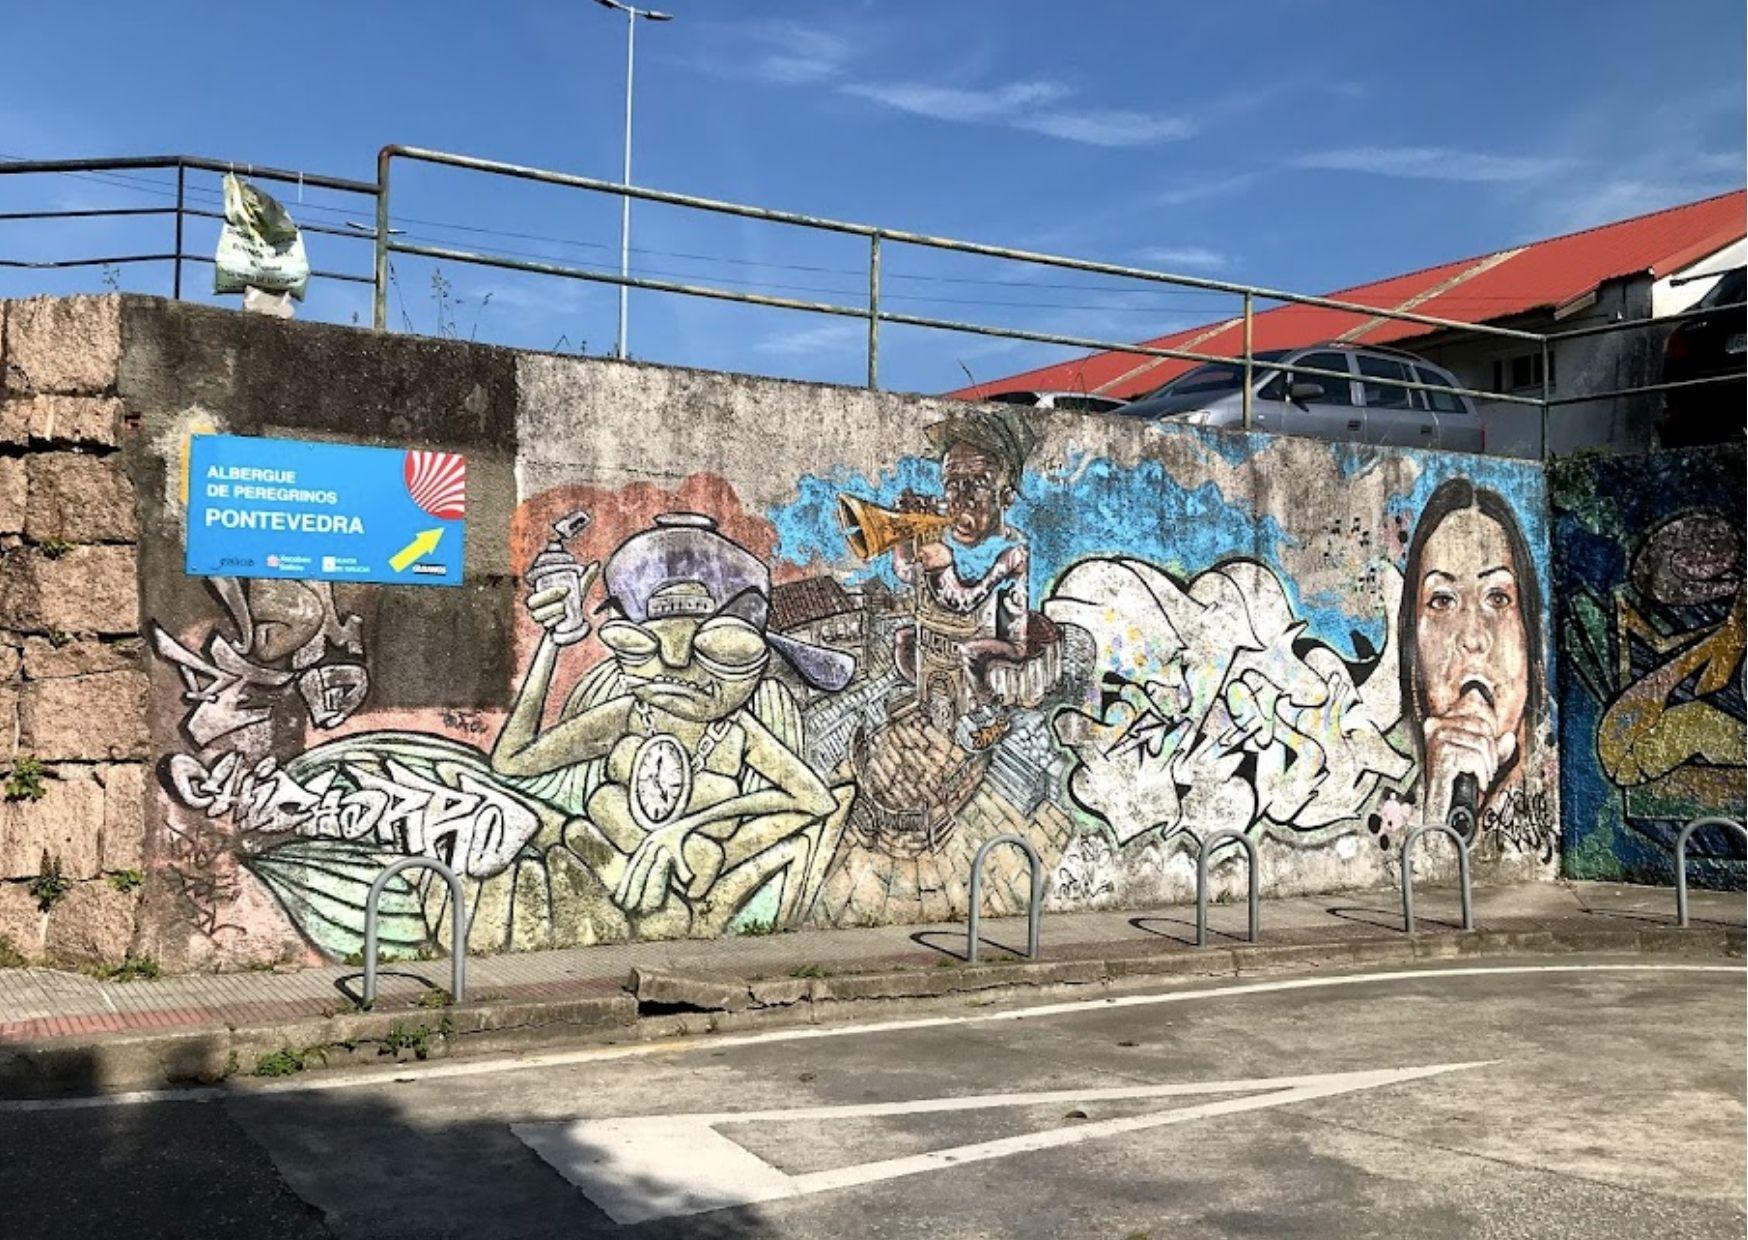 Albergue Pontevedra